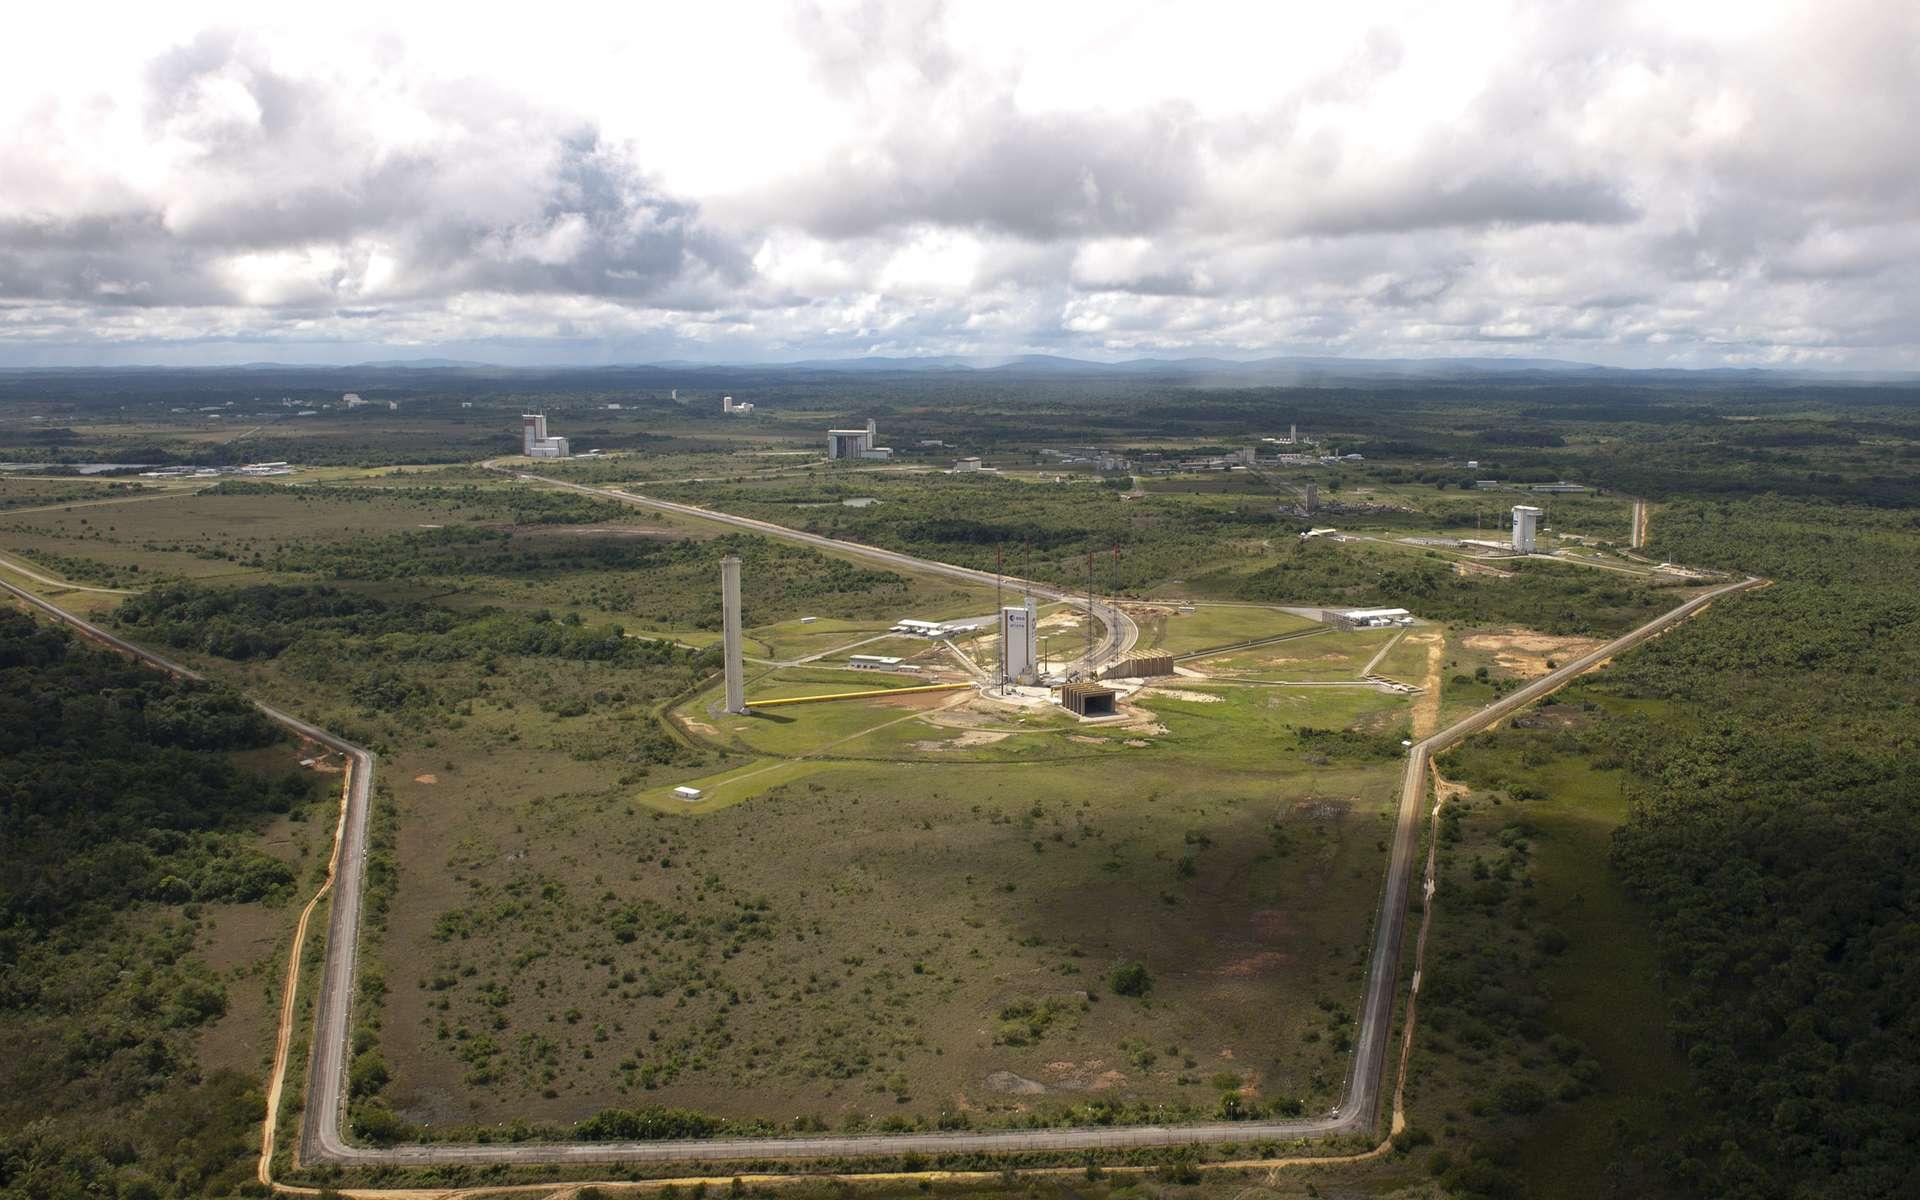 Le site de lancement de Kourou avec au premier plan le pas de tir des lanceurs Ariane 5 (Ela-3) et, sur la droite, celui du petit lanceur Vega (SLV). © Esa/S. Corvaja